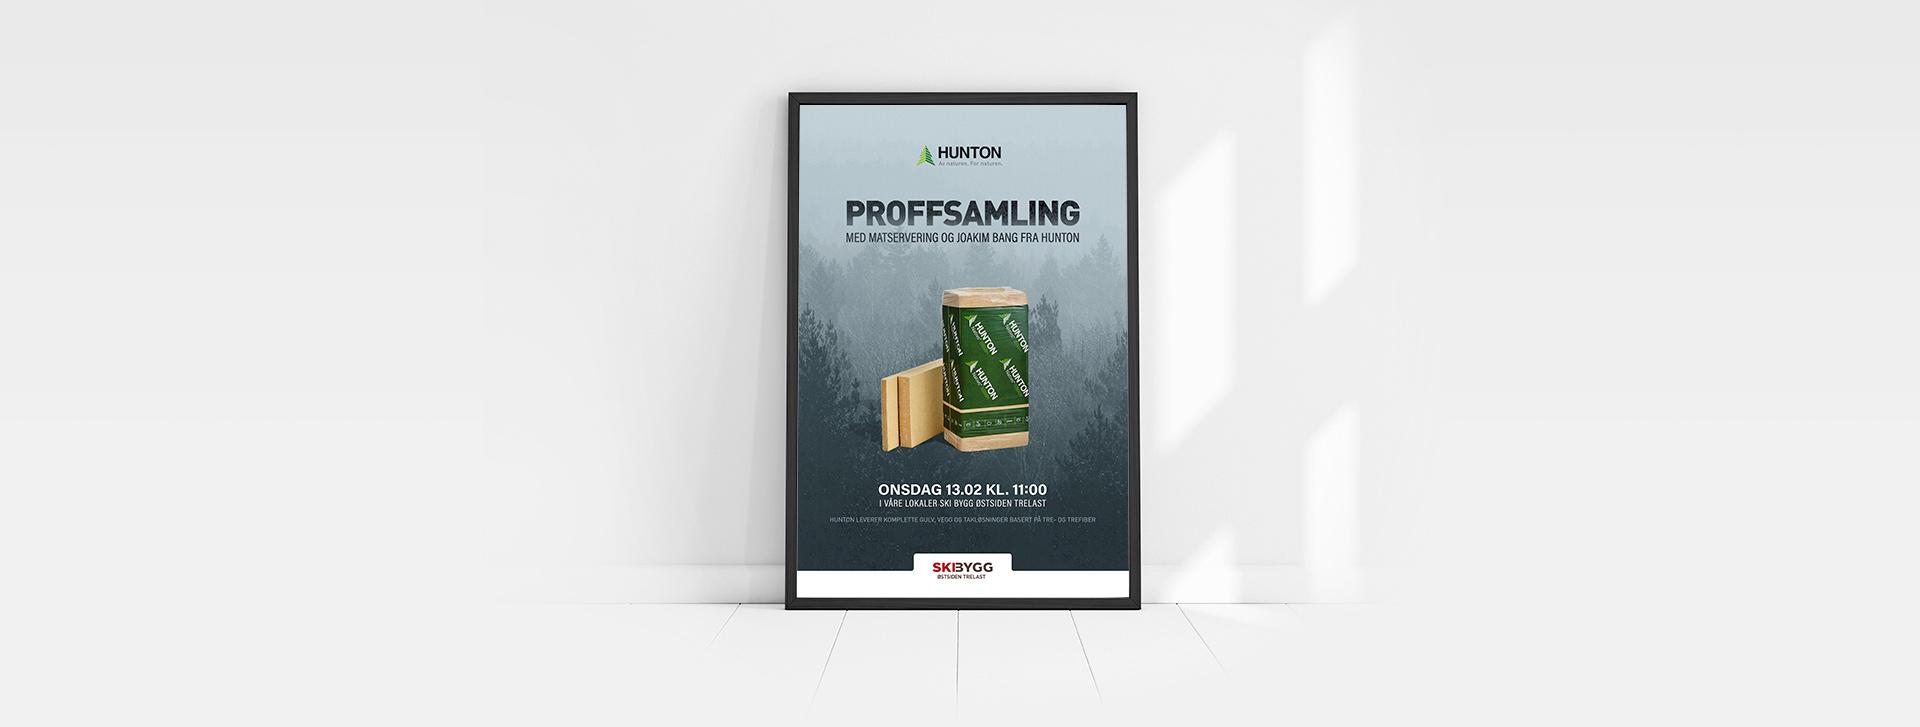 Posterdesign produsert av Sanzero Designbyrå